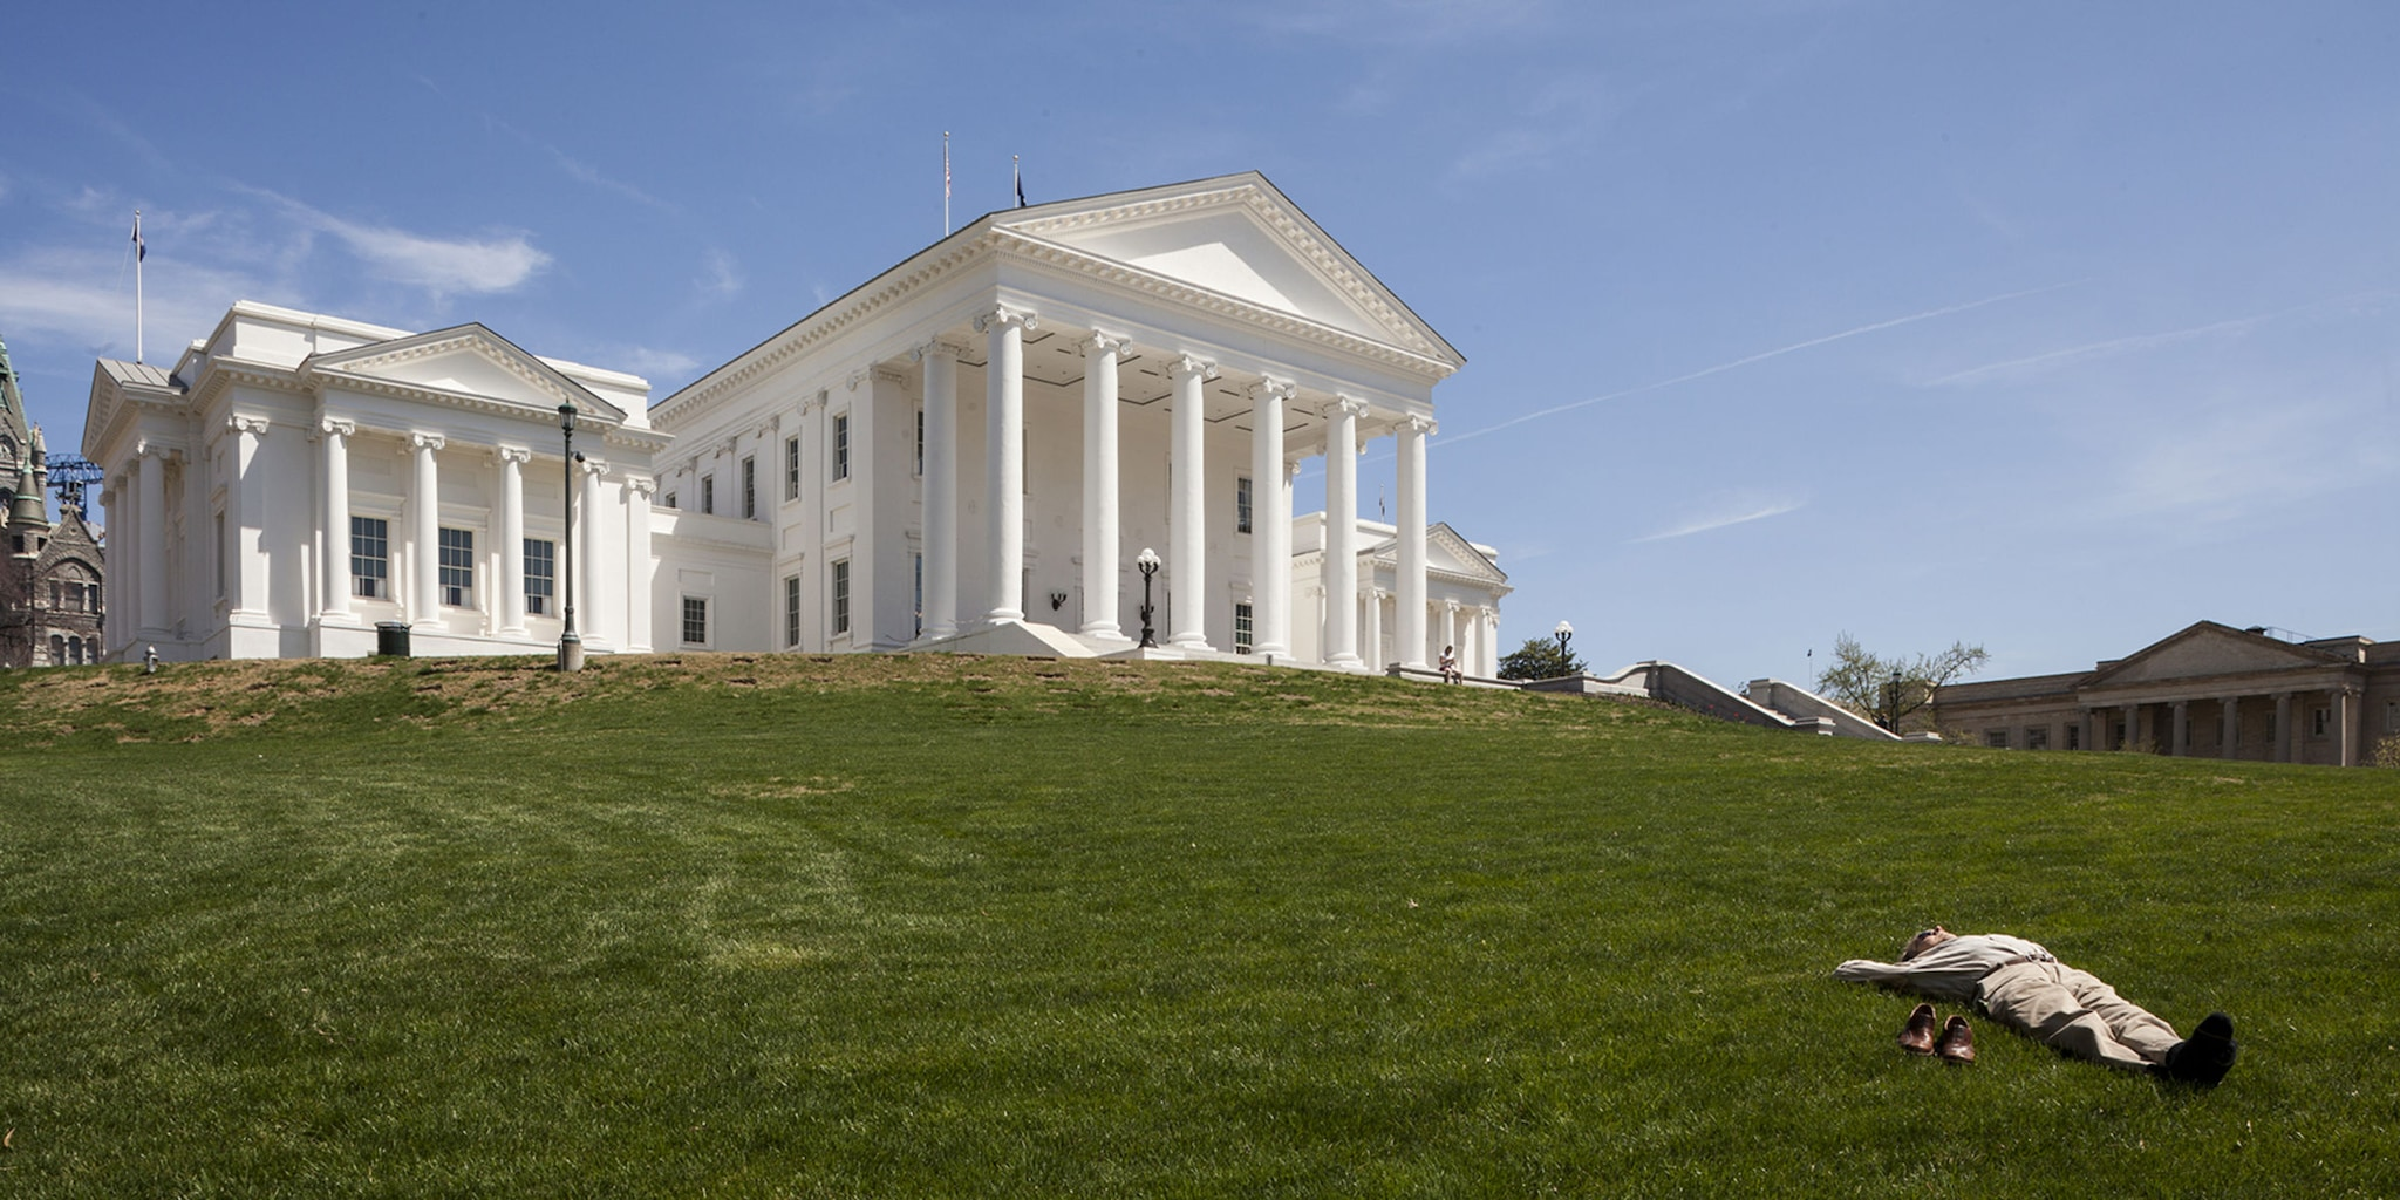 Thomas Jefferson e Palladio: Come costruire un mondo nuovo